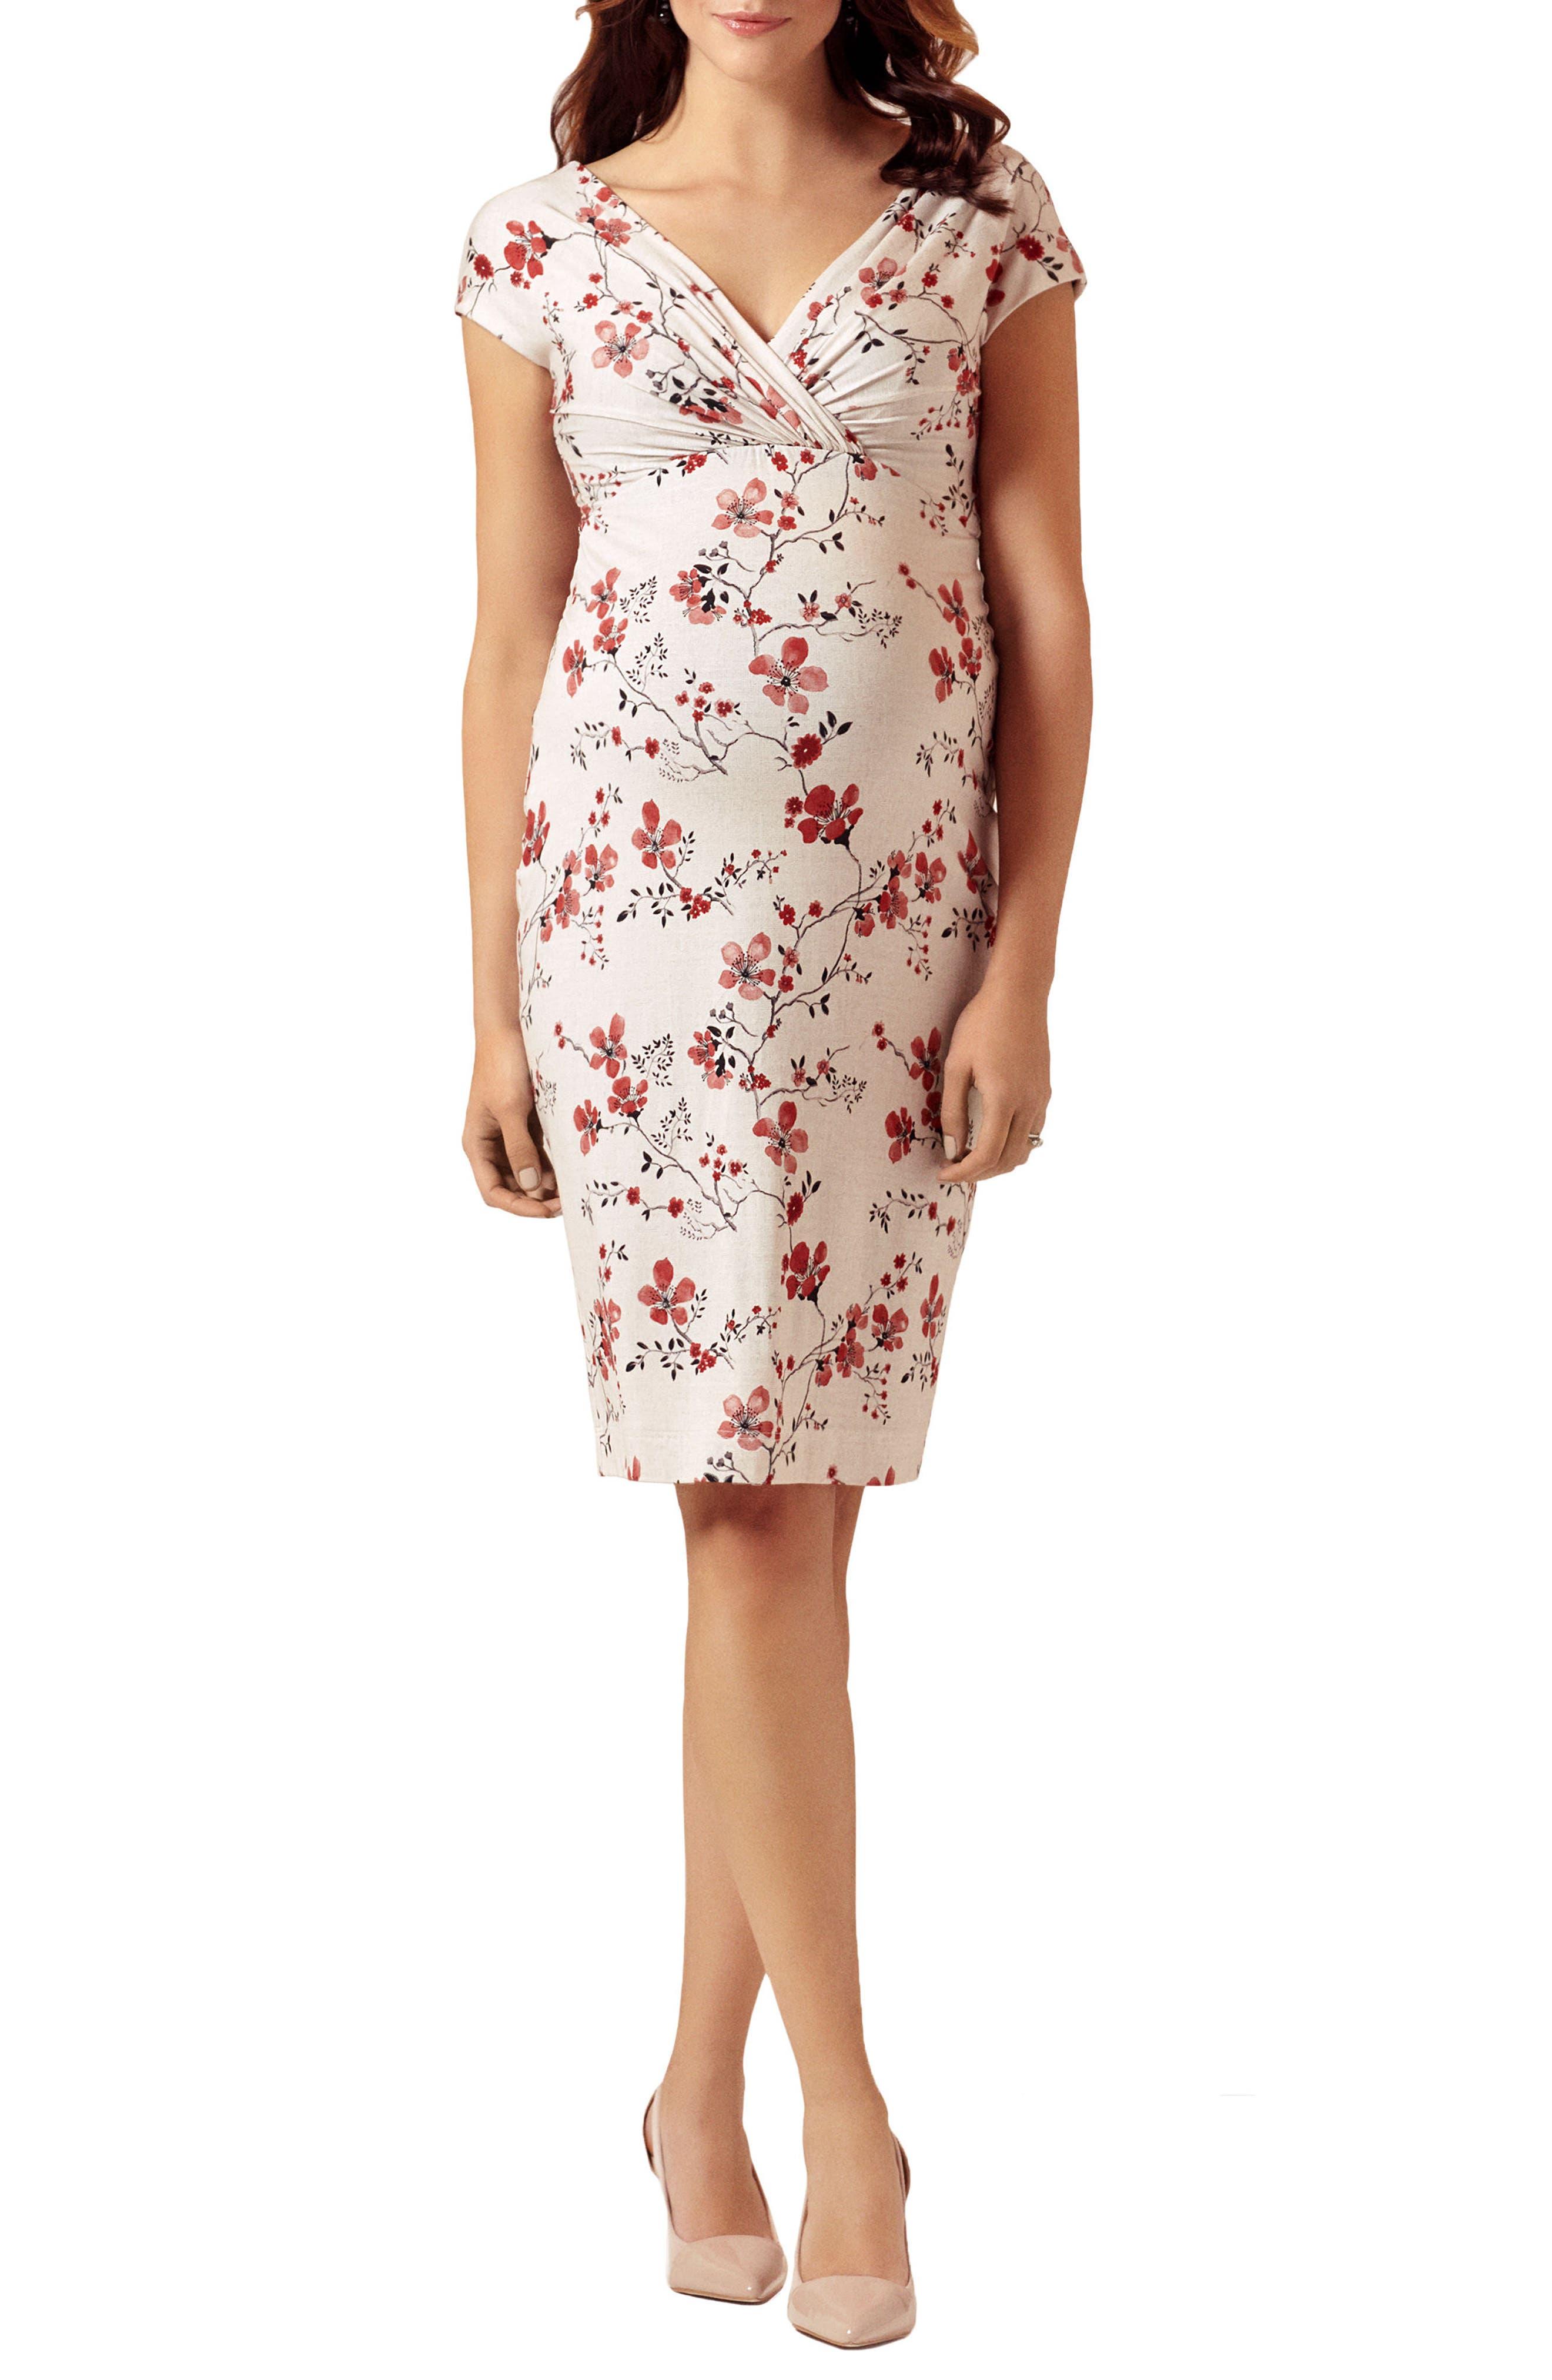 Bardot Maternity Sheath Dress,                             Main thumbnail 1, color,                             Cherry Blossom